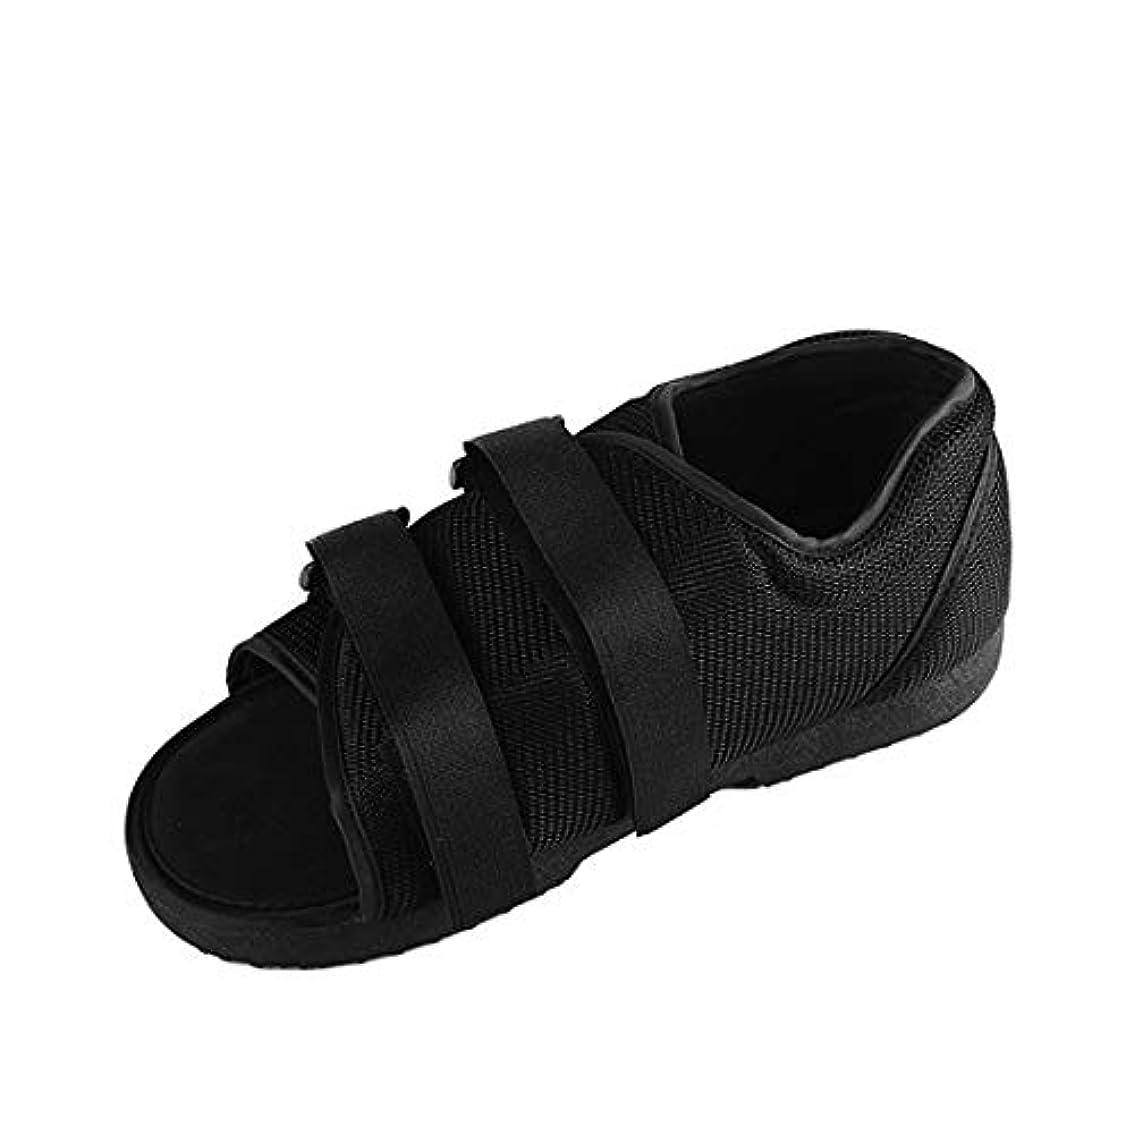 ひもビリー備品医療足骨折石膏の回復靴の手術後のつま先の靴を安定化骨折の靴を調整可能なファスナーで完全なカバー,WS23.5*9cm